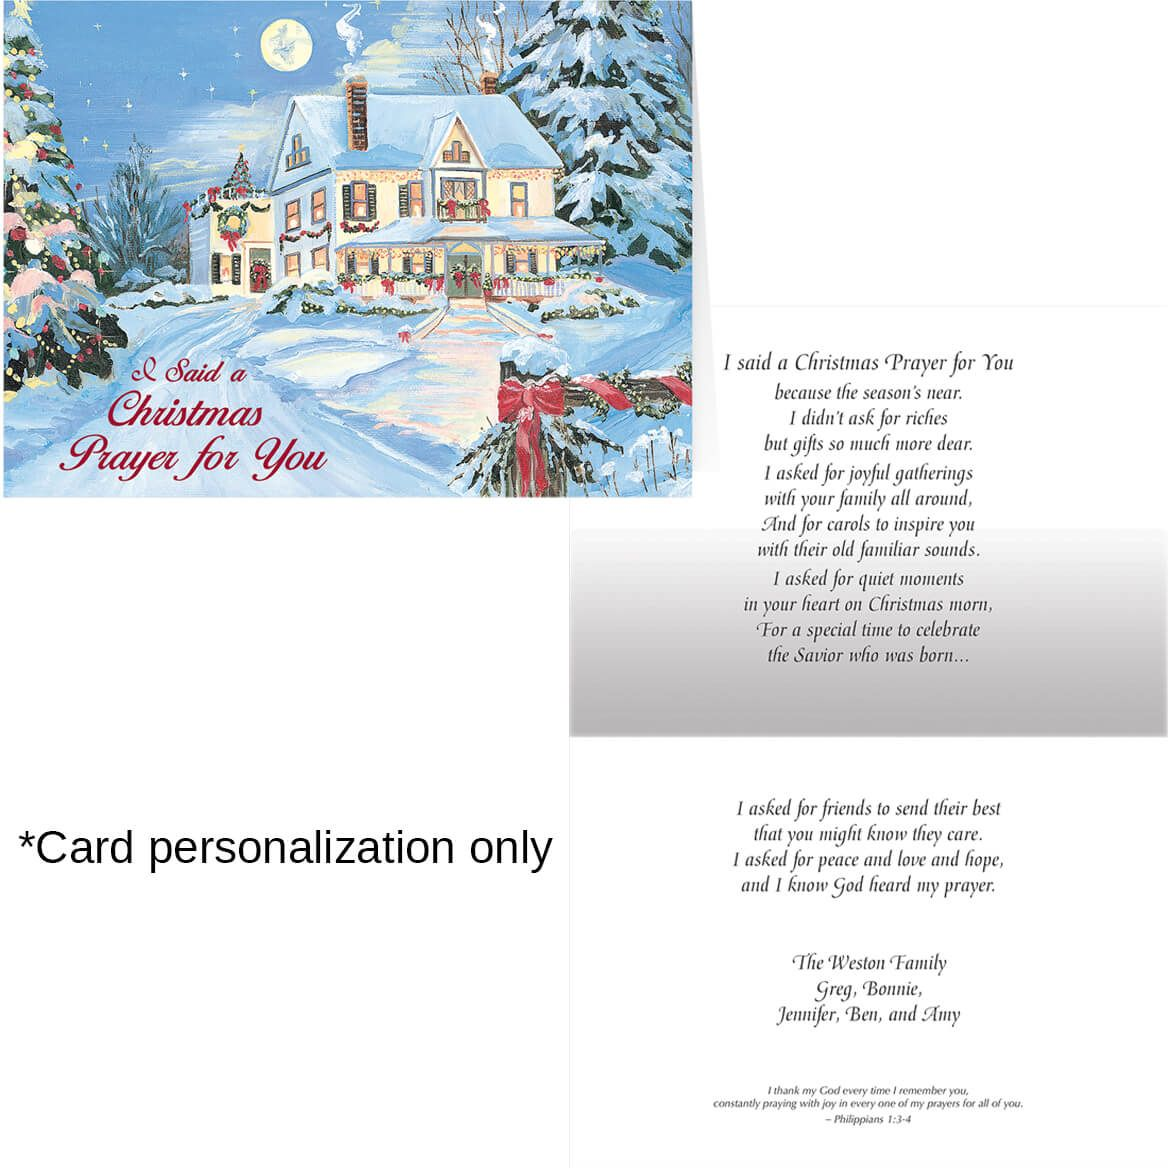 I Said A Christmas Prayer Christmas Card Set of 20-300196